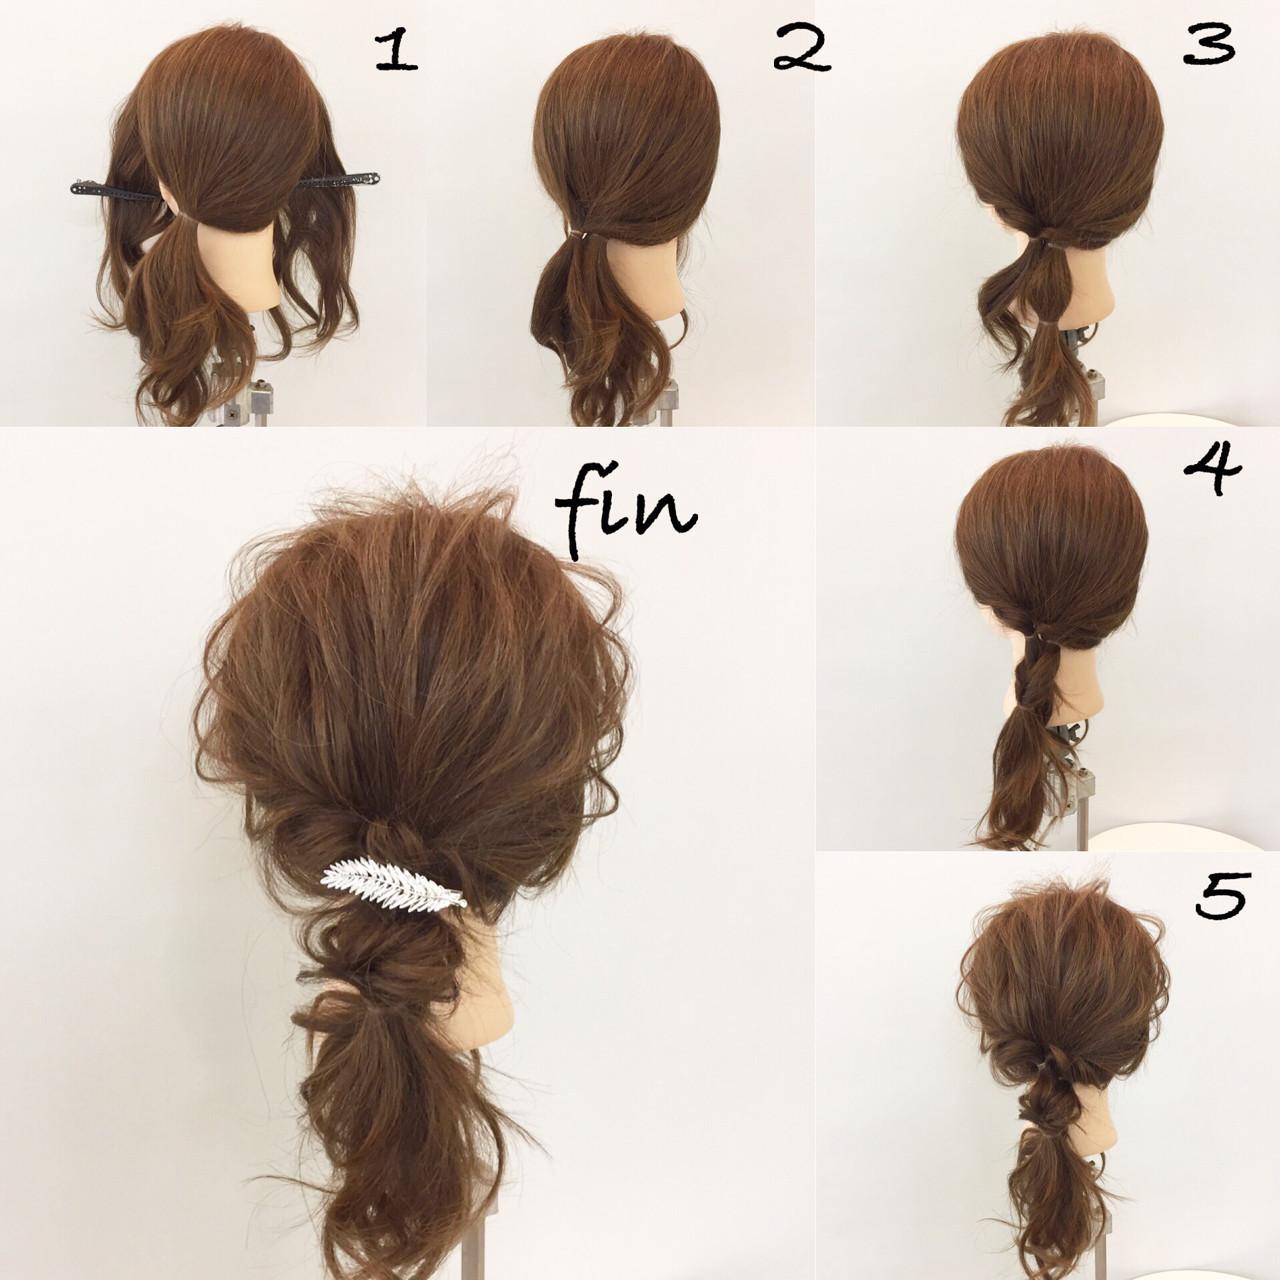 ミディアム フェミニン ポニーテール 簡単ヘアアレンジ ヘアスタイルや髪型の写真・画像